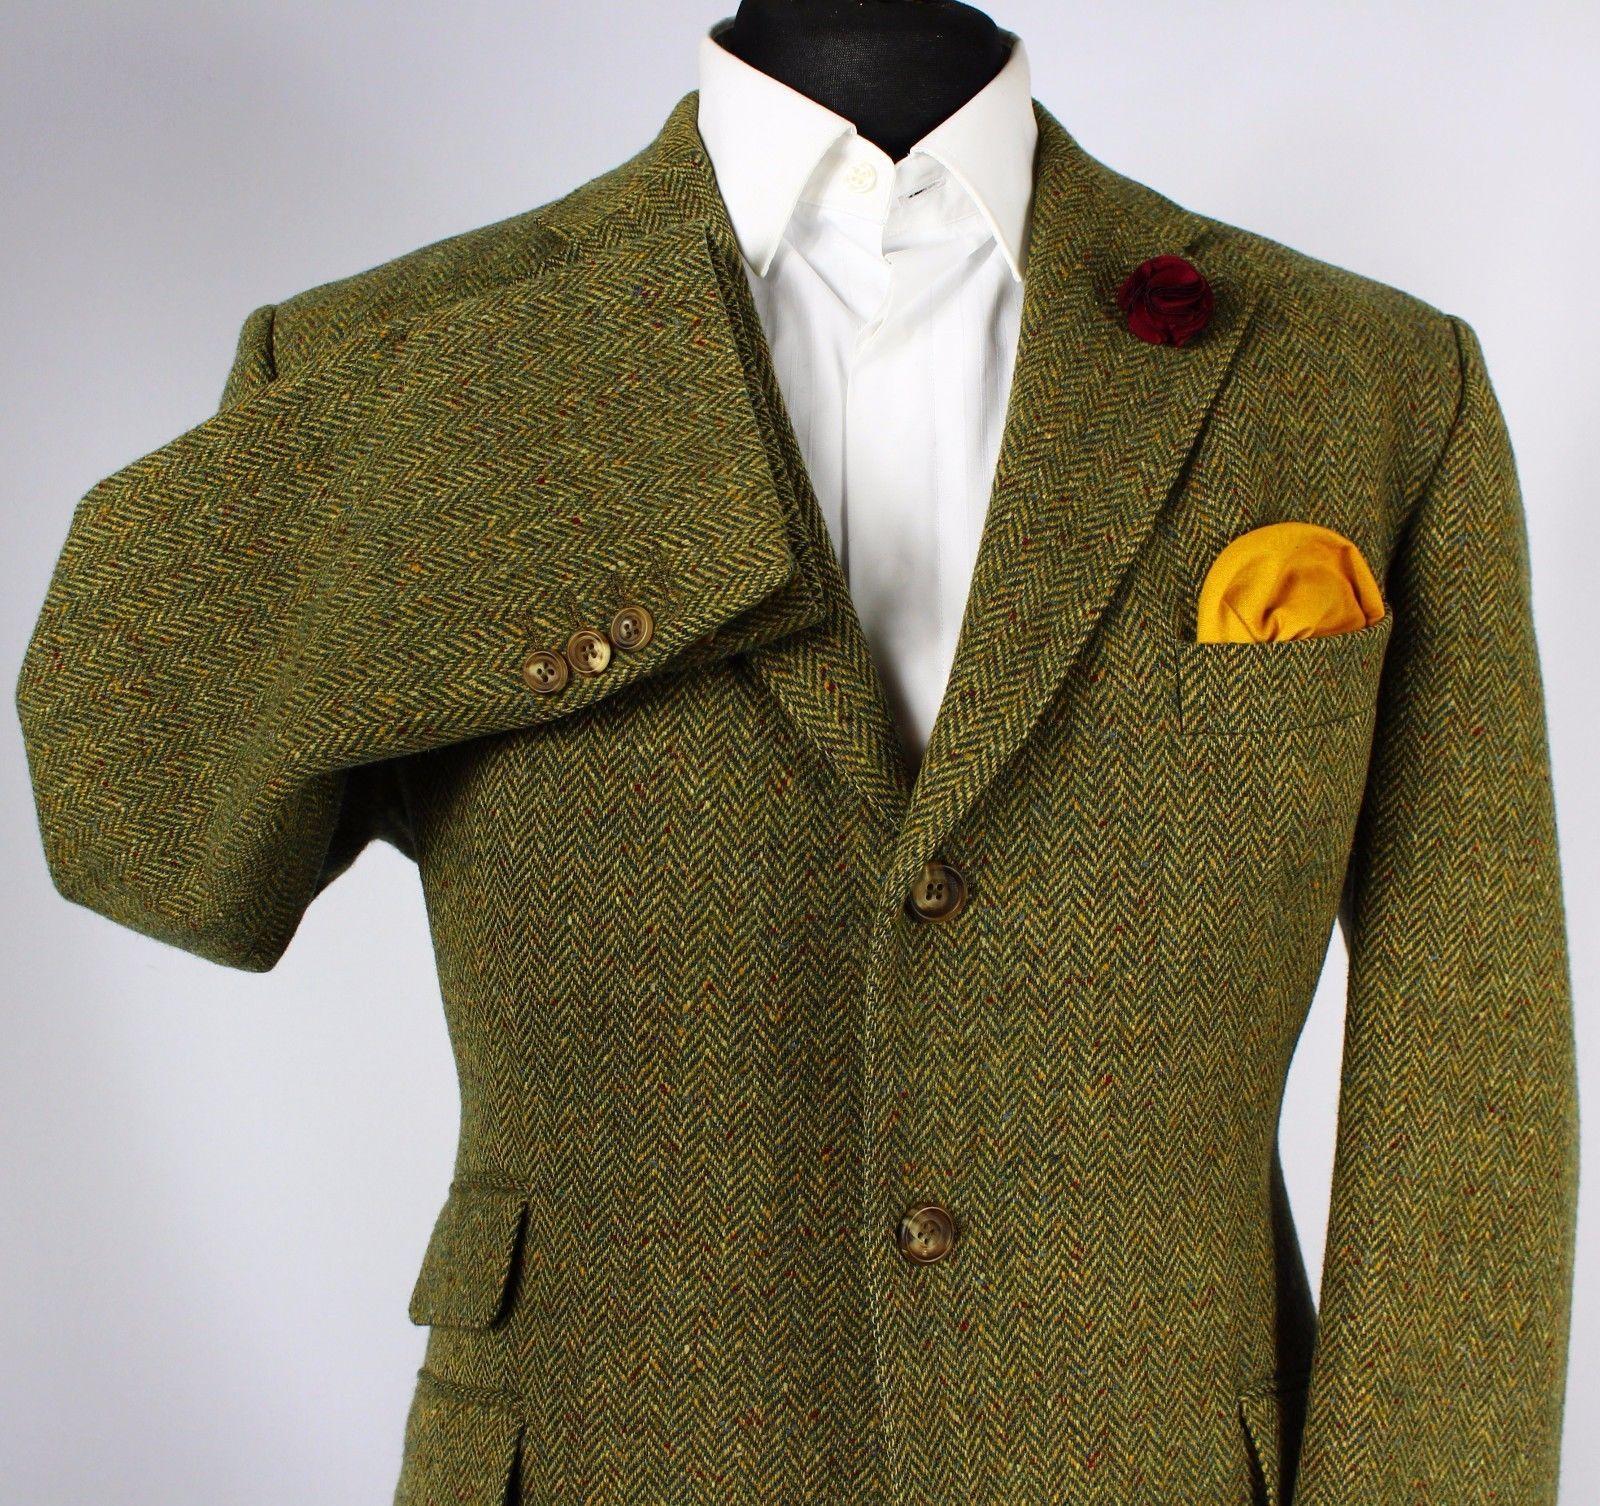 Magee Donegal Tweed Blazer Jacket Green Country Races 44s Stunning 196 Ebay Tweed Blazer Green Jacket Tweed Run